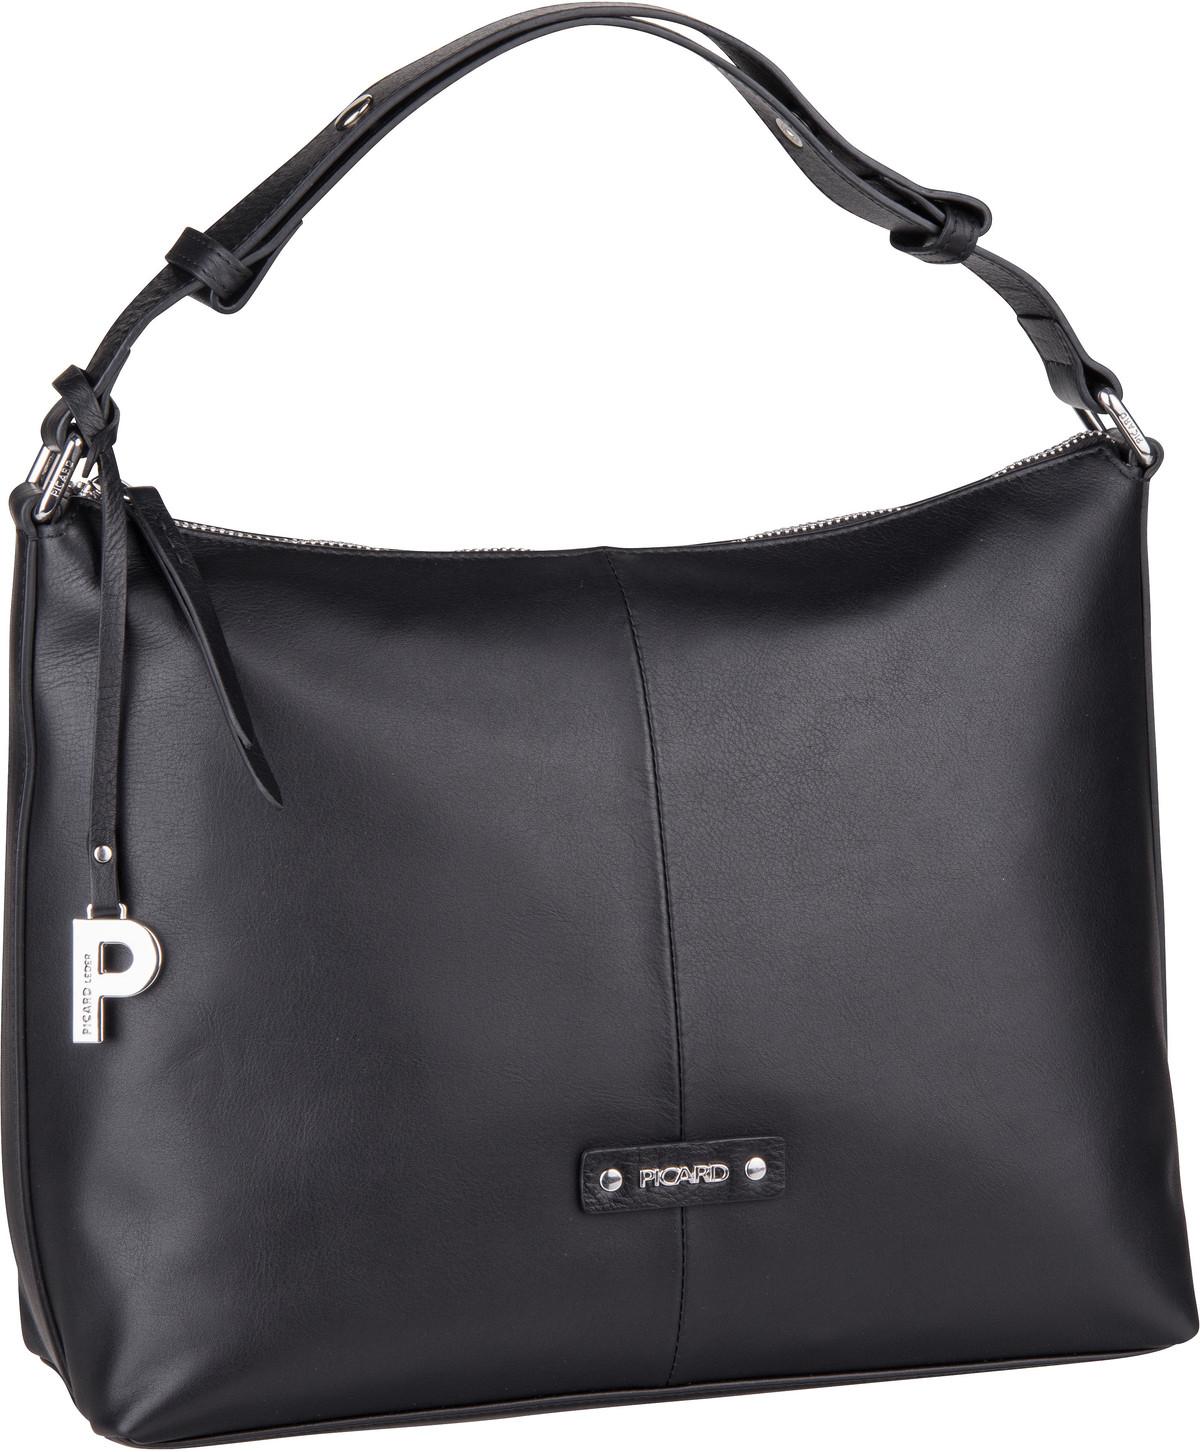 Handtasche Softy 9592 Schwarz